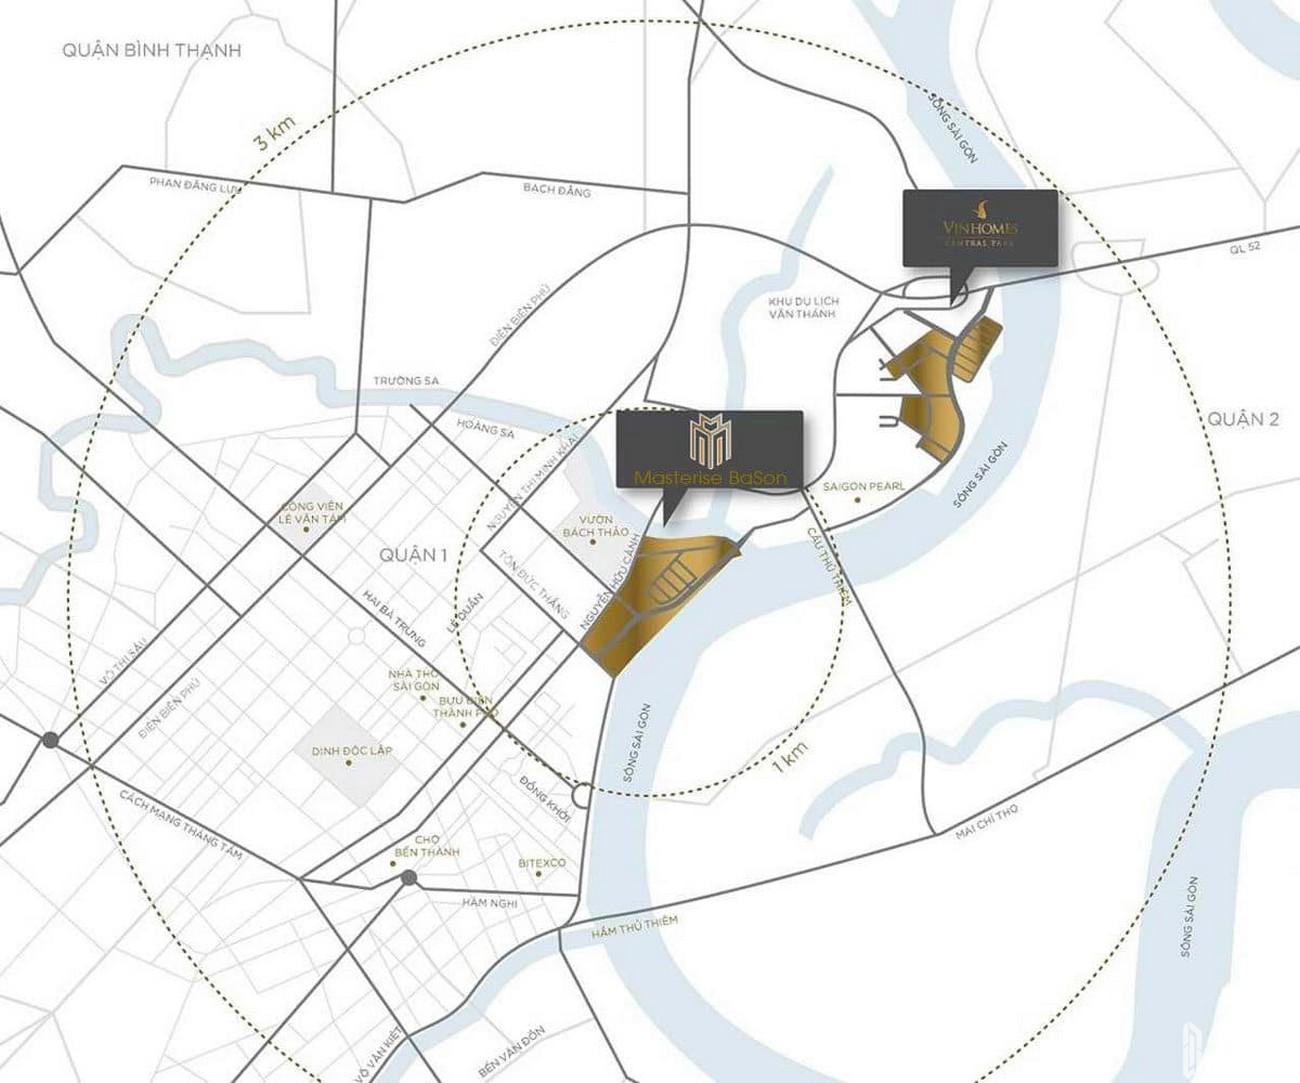 Vị trí địa chỉ dự án căn hộ chung cư Masteri Marina One Quận 1 chủ đầu tư Masterise Homes